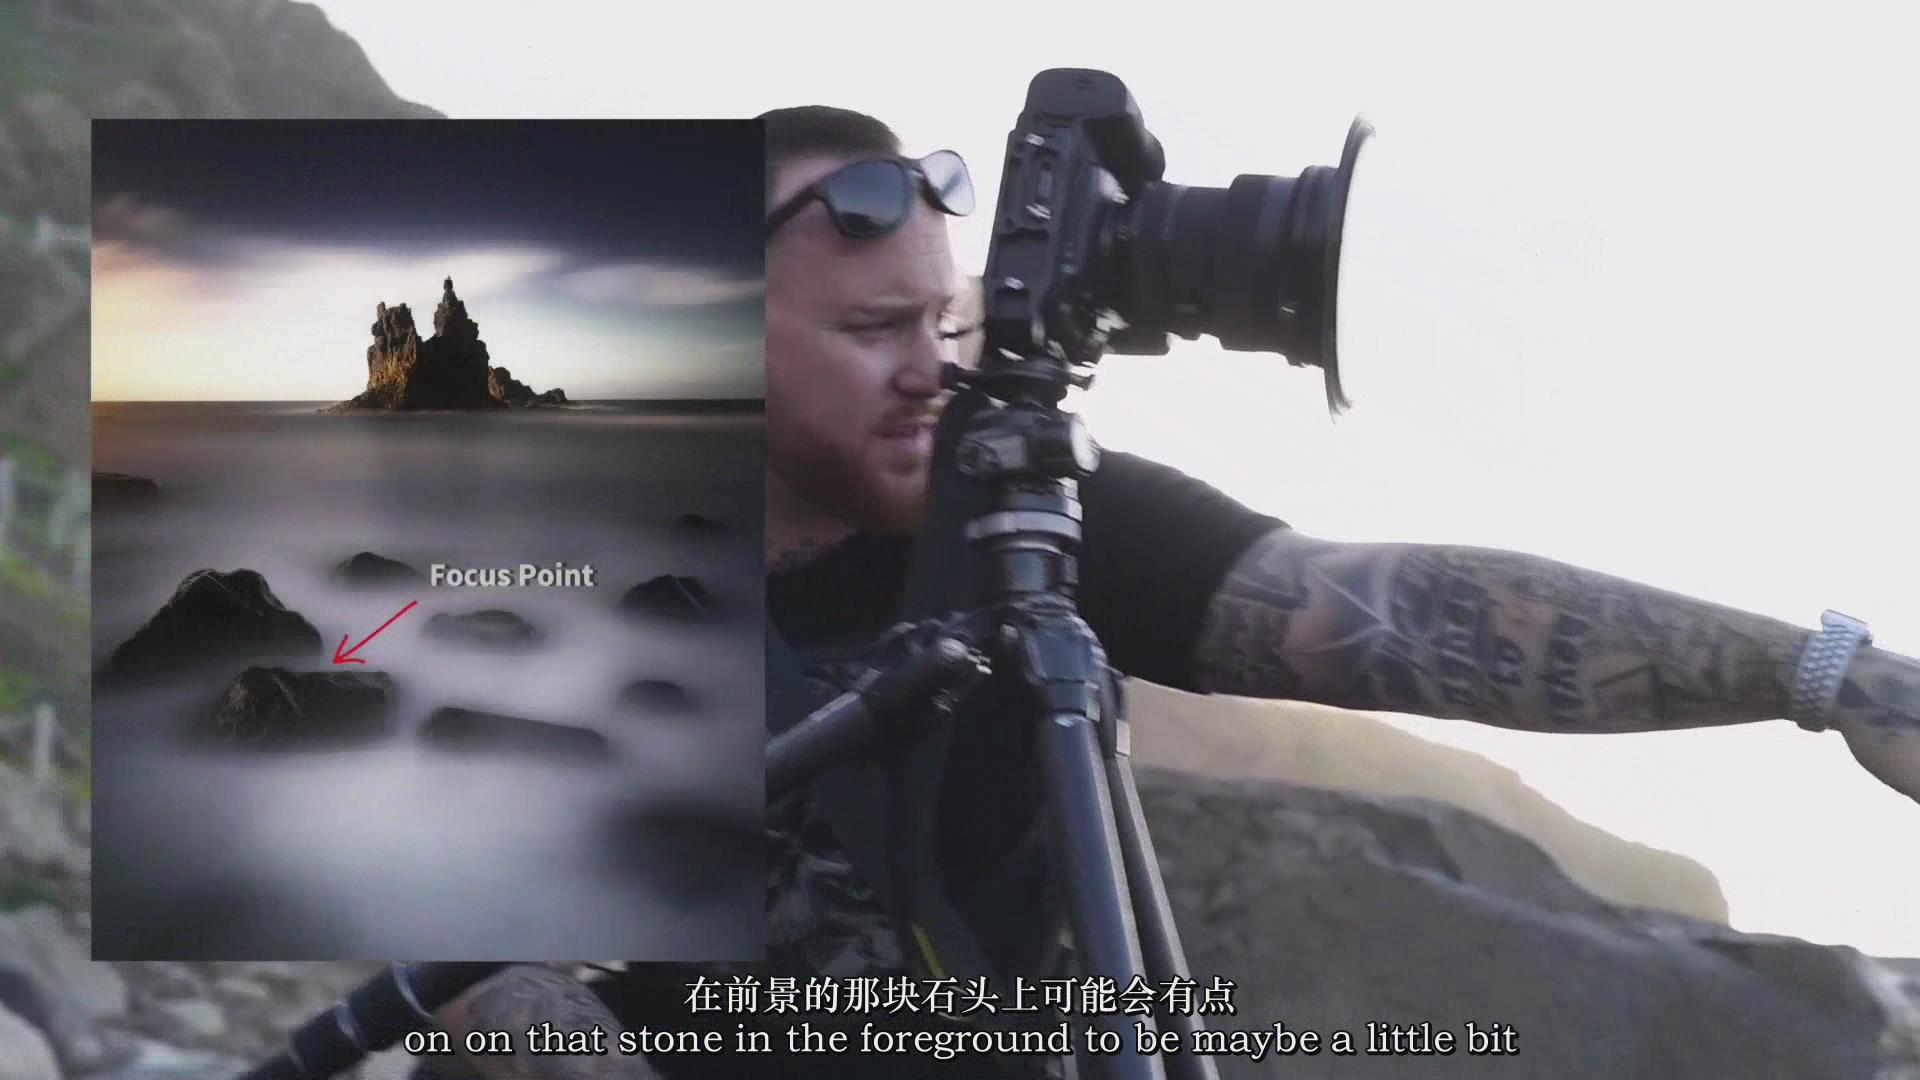 摄影教程_Fabio Antenore-风光摄影-海景长曝光摄影及后期教程附RAW素材-中英字幕 摄影教程 _预览图11